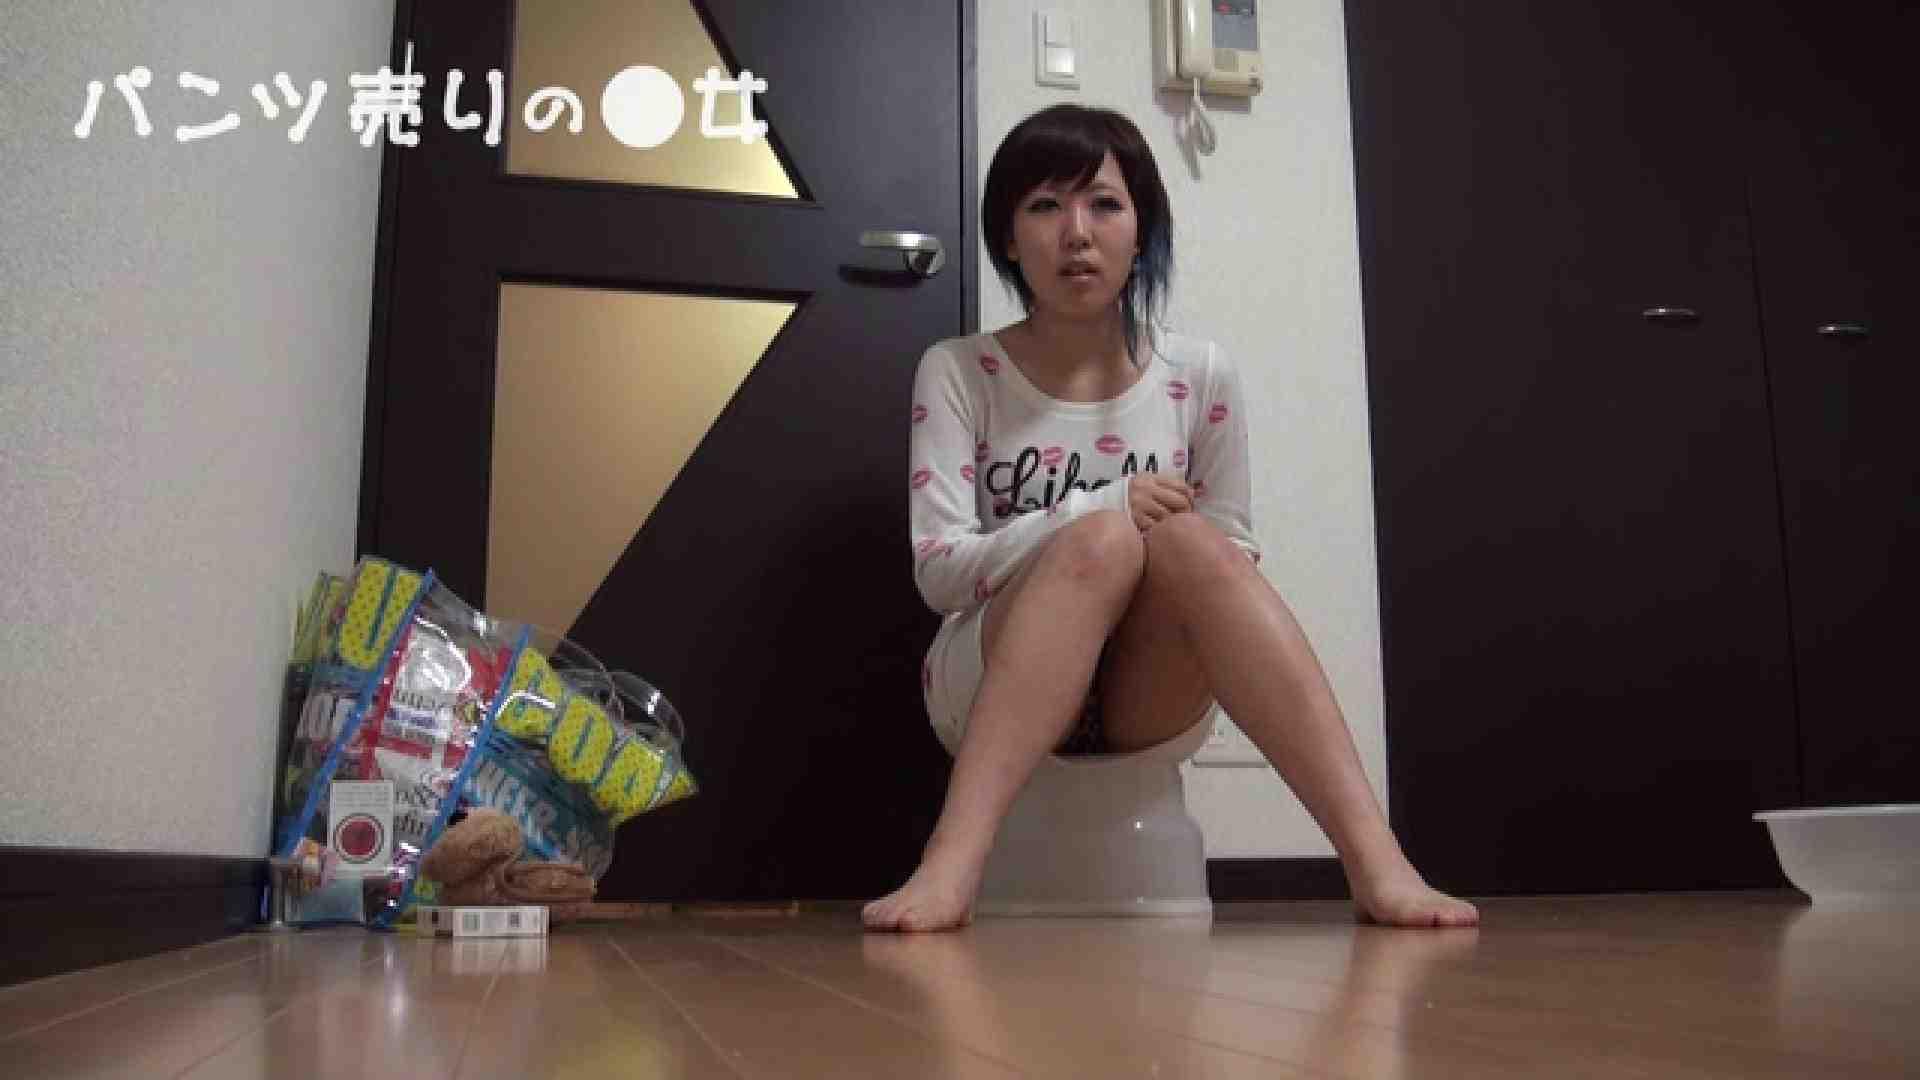 新説 パンツ売りの女の子nana マンコ   盗撮  63pic 23